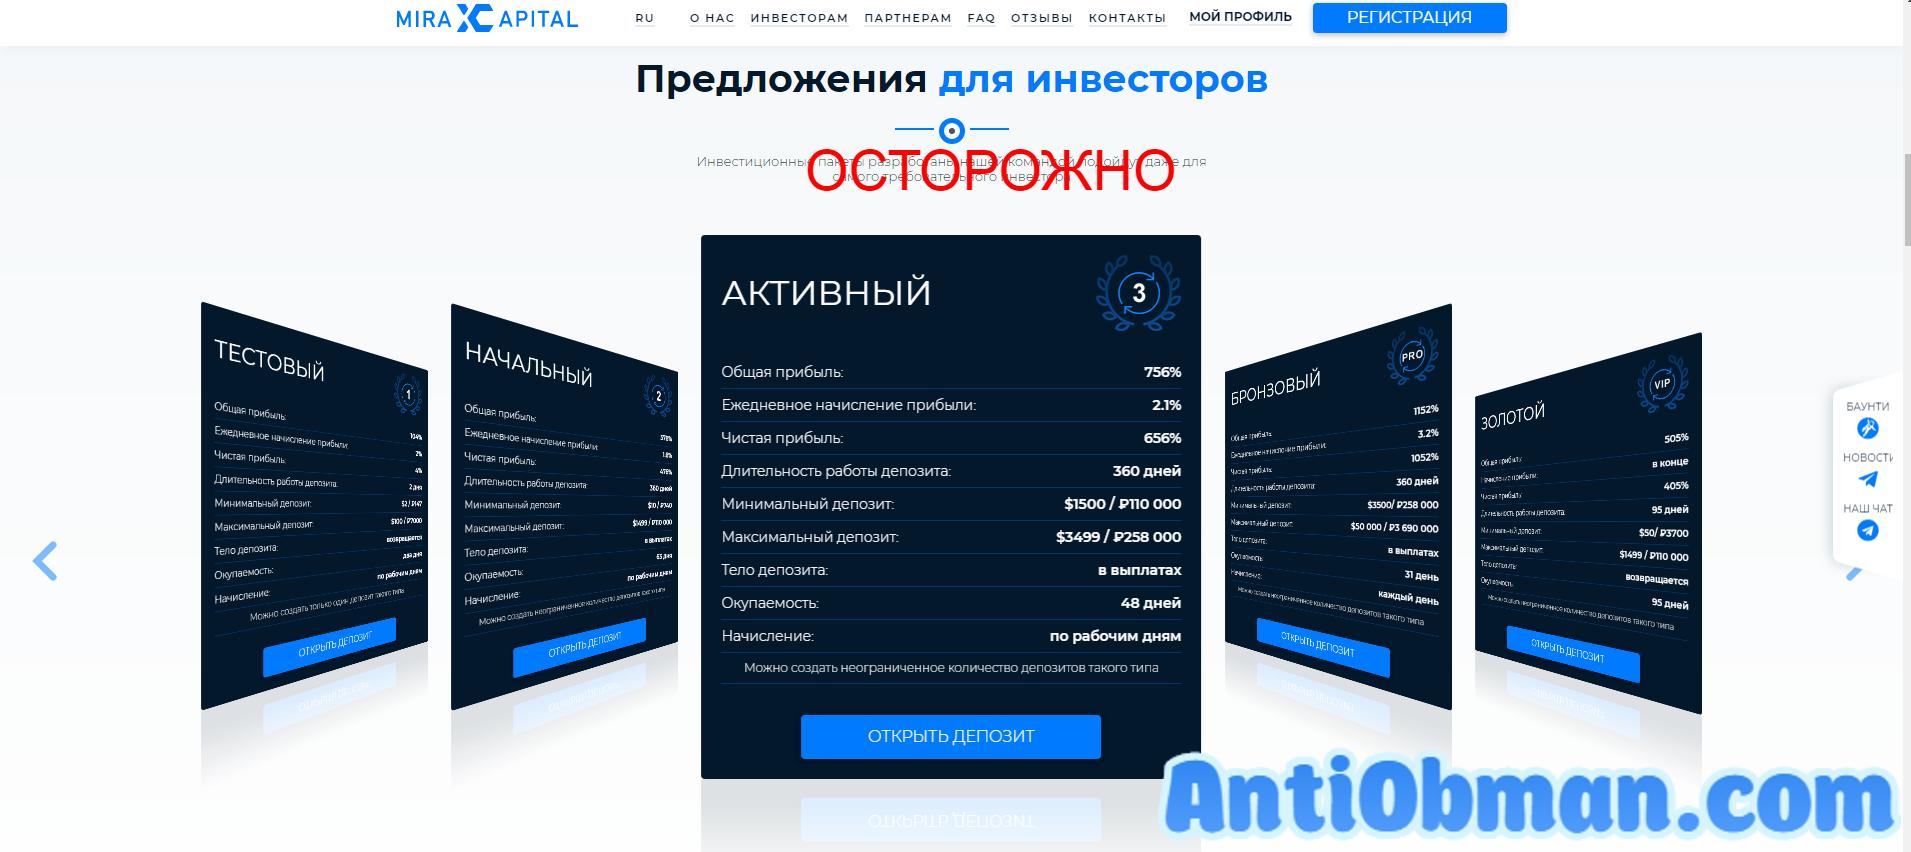 Mirax Capital (miraxcapital.com) - реальные отзывы и проверка